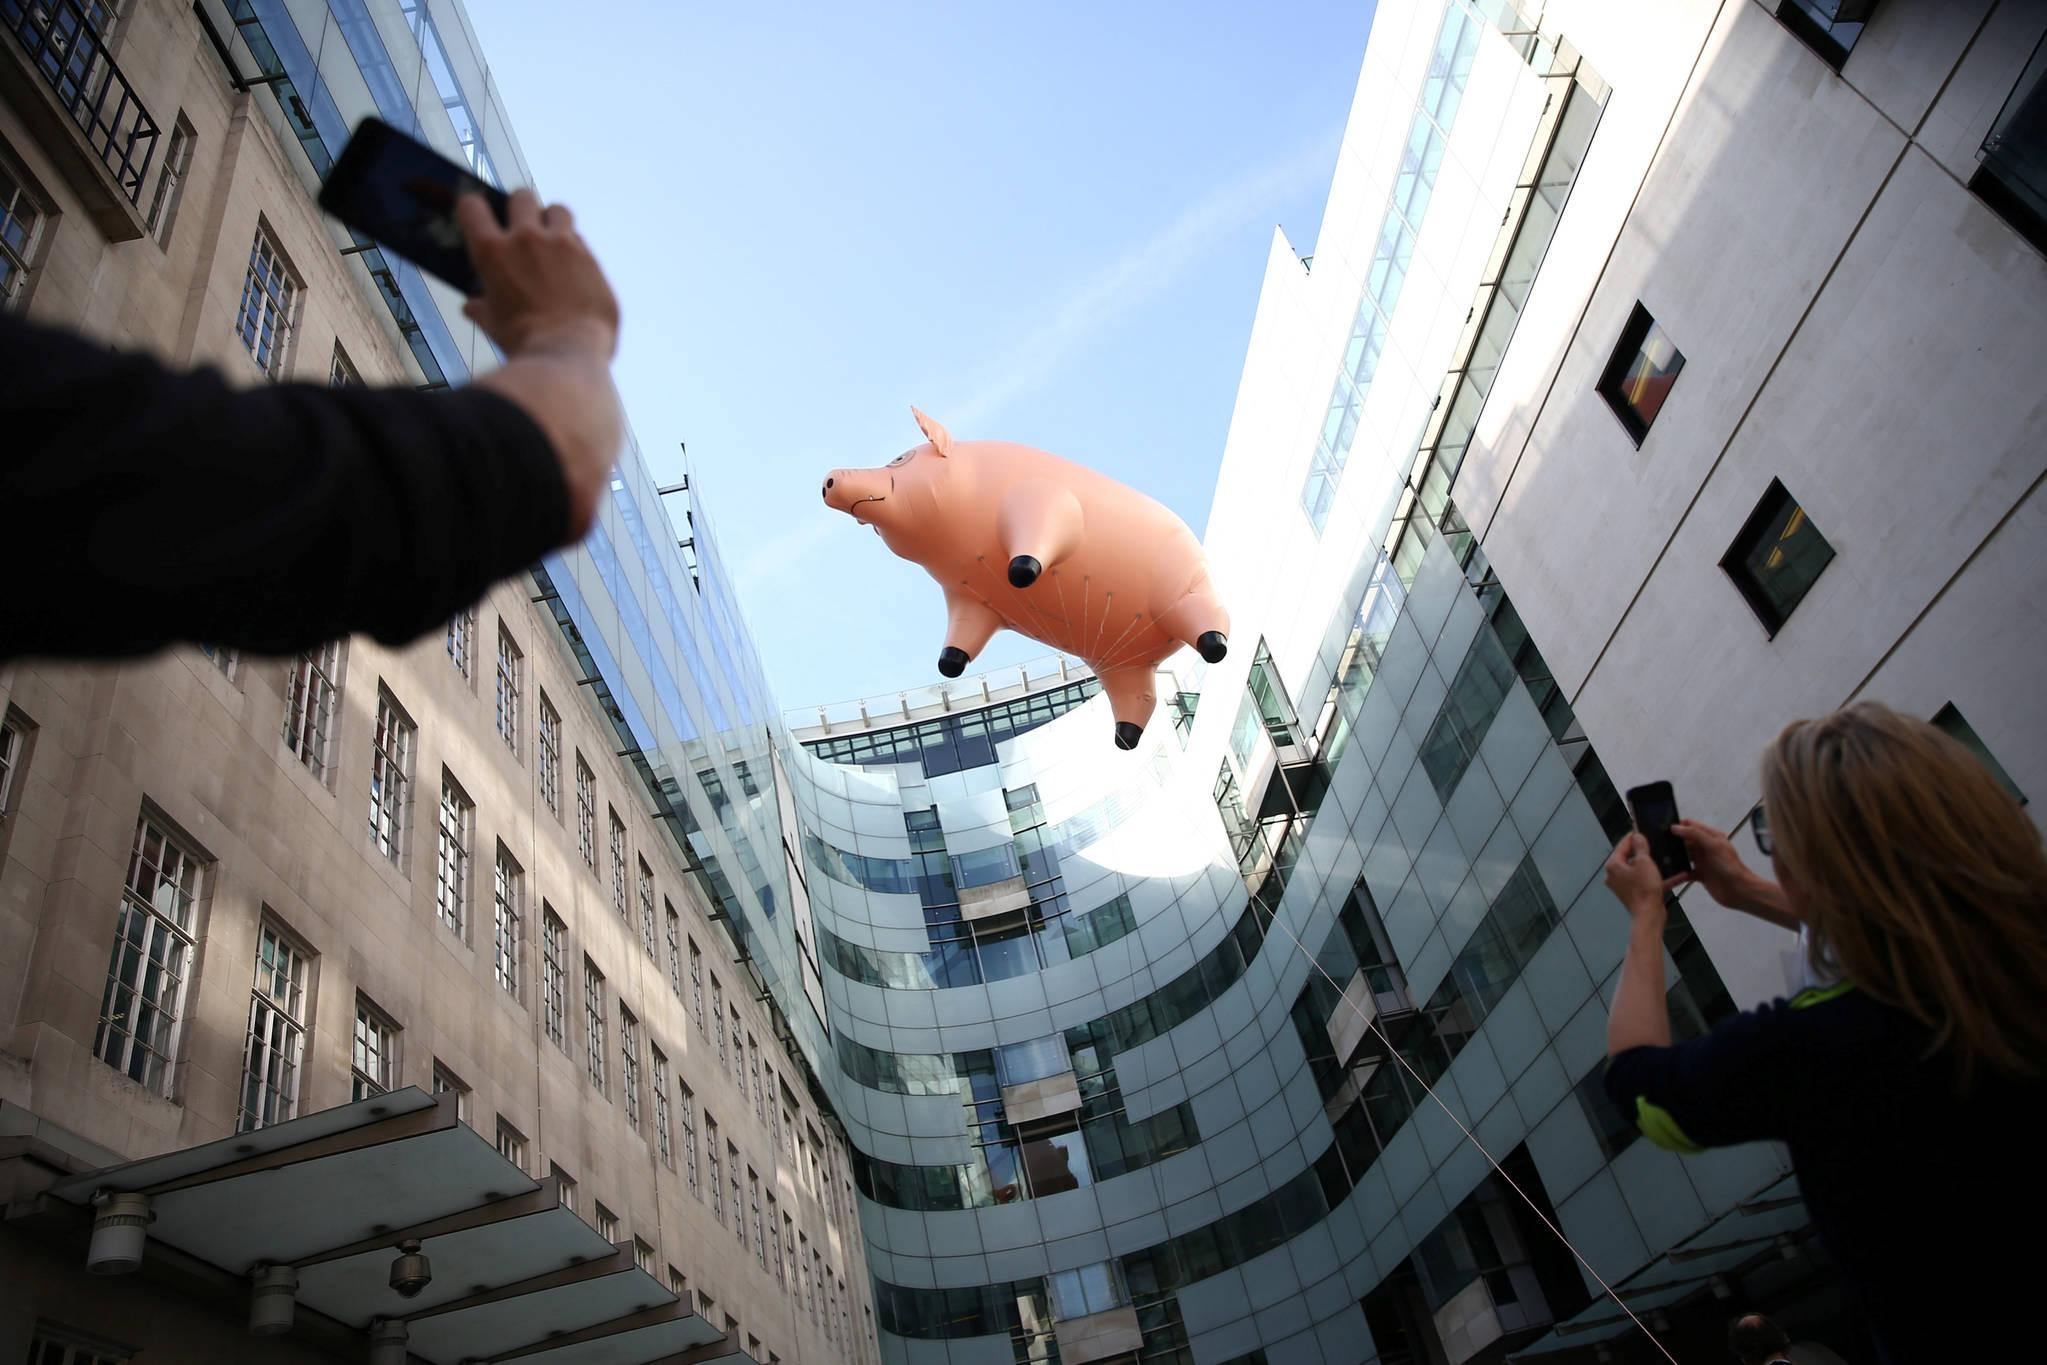 영국 런던 V&A 박물관이 10일(현지시간) 새로운 전시회를 홍보하기 위해 브로드캐스팅 하우스(Broadcasting House) 위에 띄운 핑크 플로이드 돼지가 벽에 부딪히고 있다.[로이터=뉴스1]